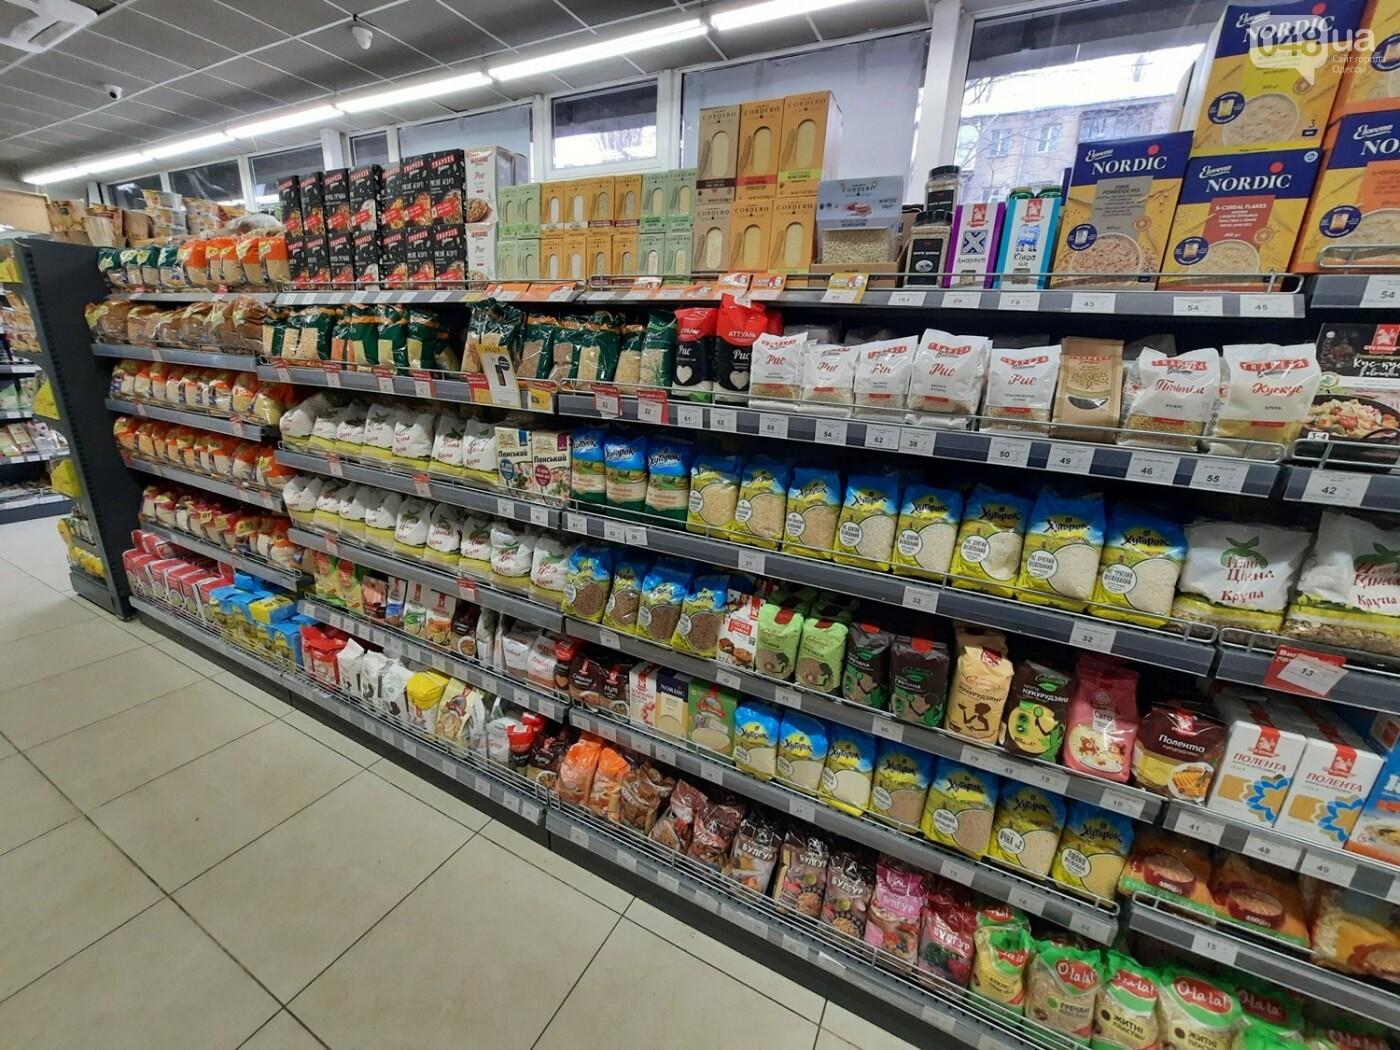 Чечевица, булгур и рис: как не переплачивать за покупки в супермаркетах Одессы, - ФОТО, фото-4